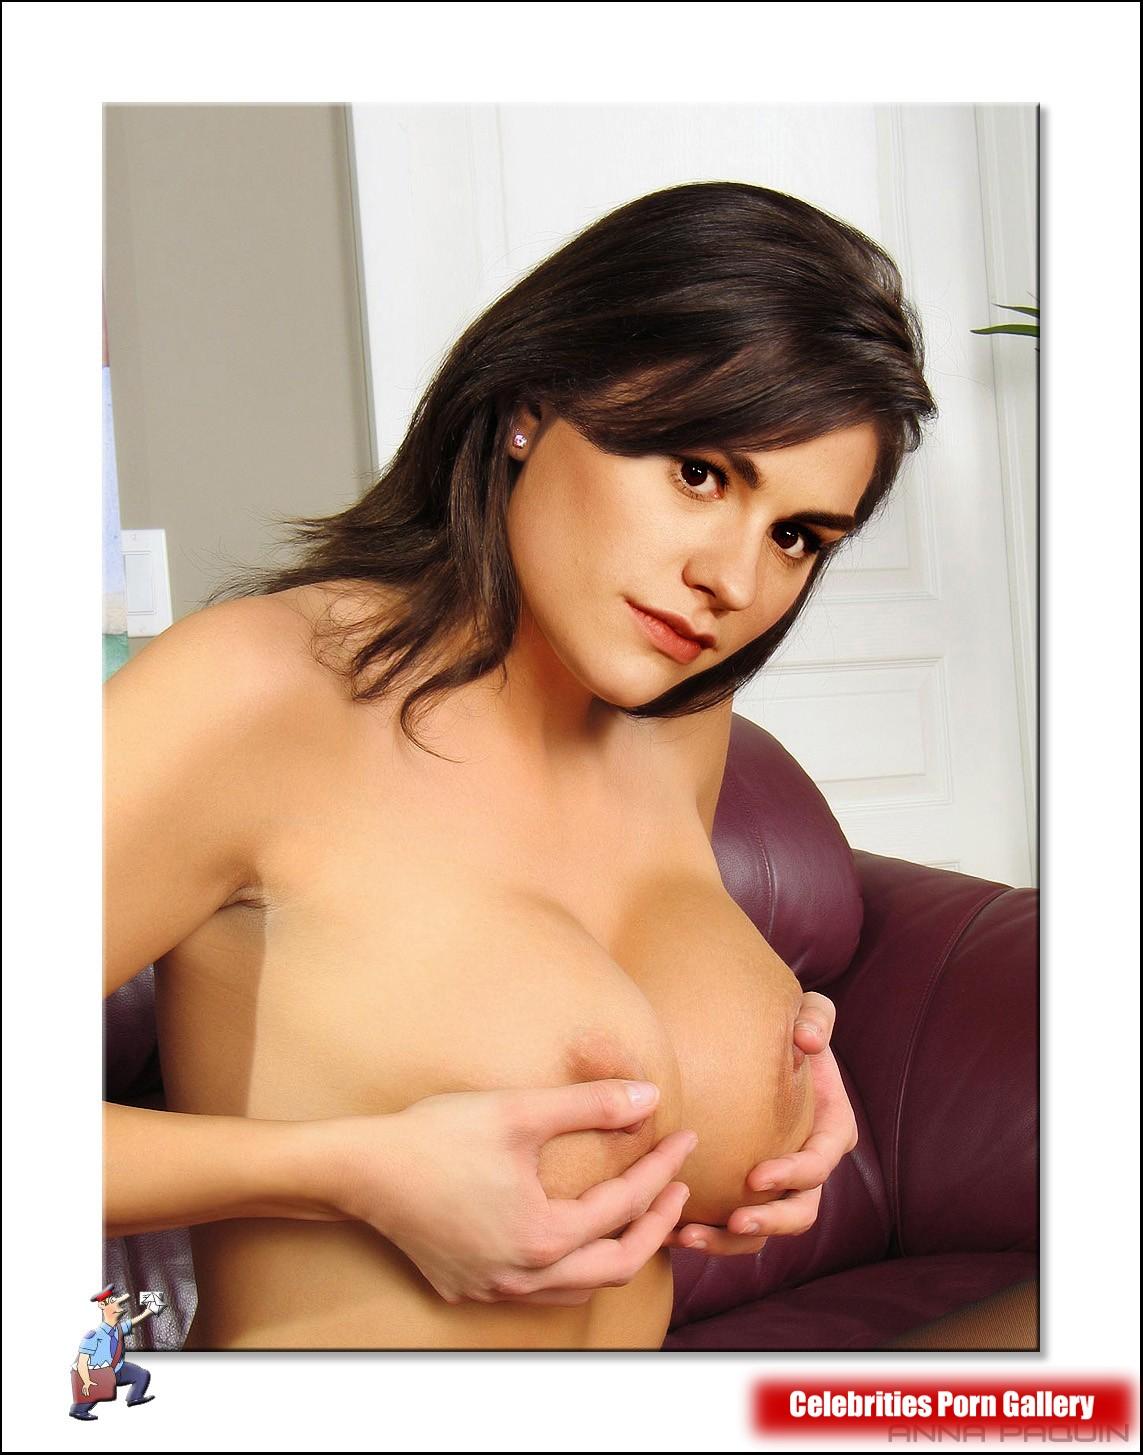 Anna Paquin Nude Scene